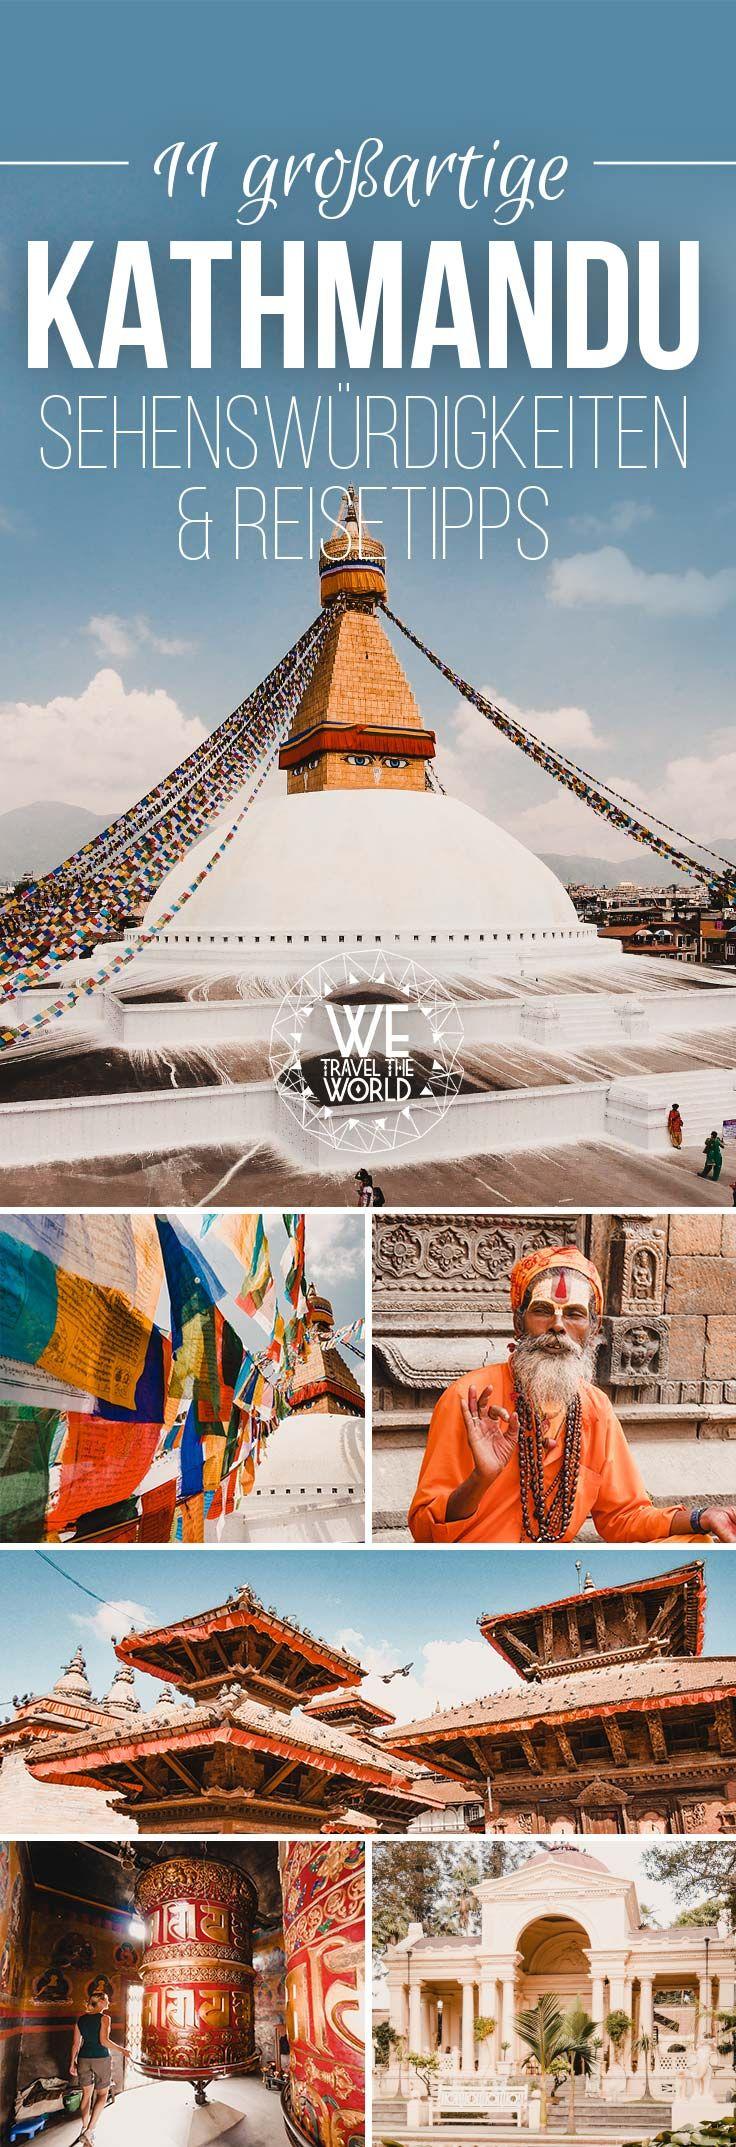 Der ultimative City Guide mit allen Kathmandu Sehenswürdigkeiten, Highlights & Reisetipps für 3 Tage, inklusive schönen Hotels, guten Restaurants & Touren. #reisetipps #nepal #kathmandu #sehenswürdigkeiten